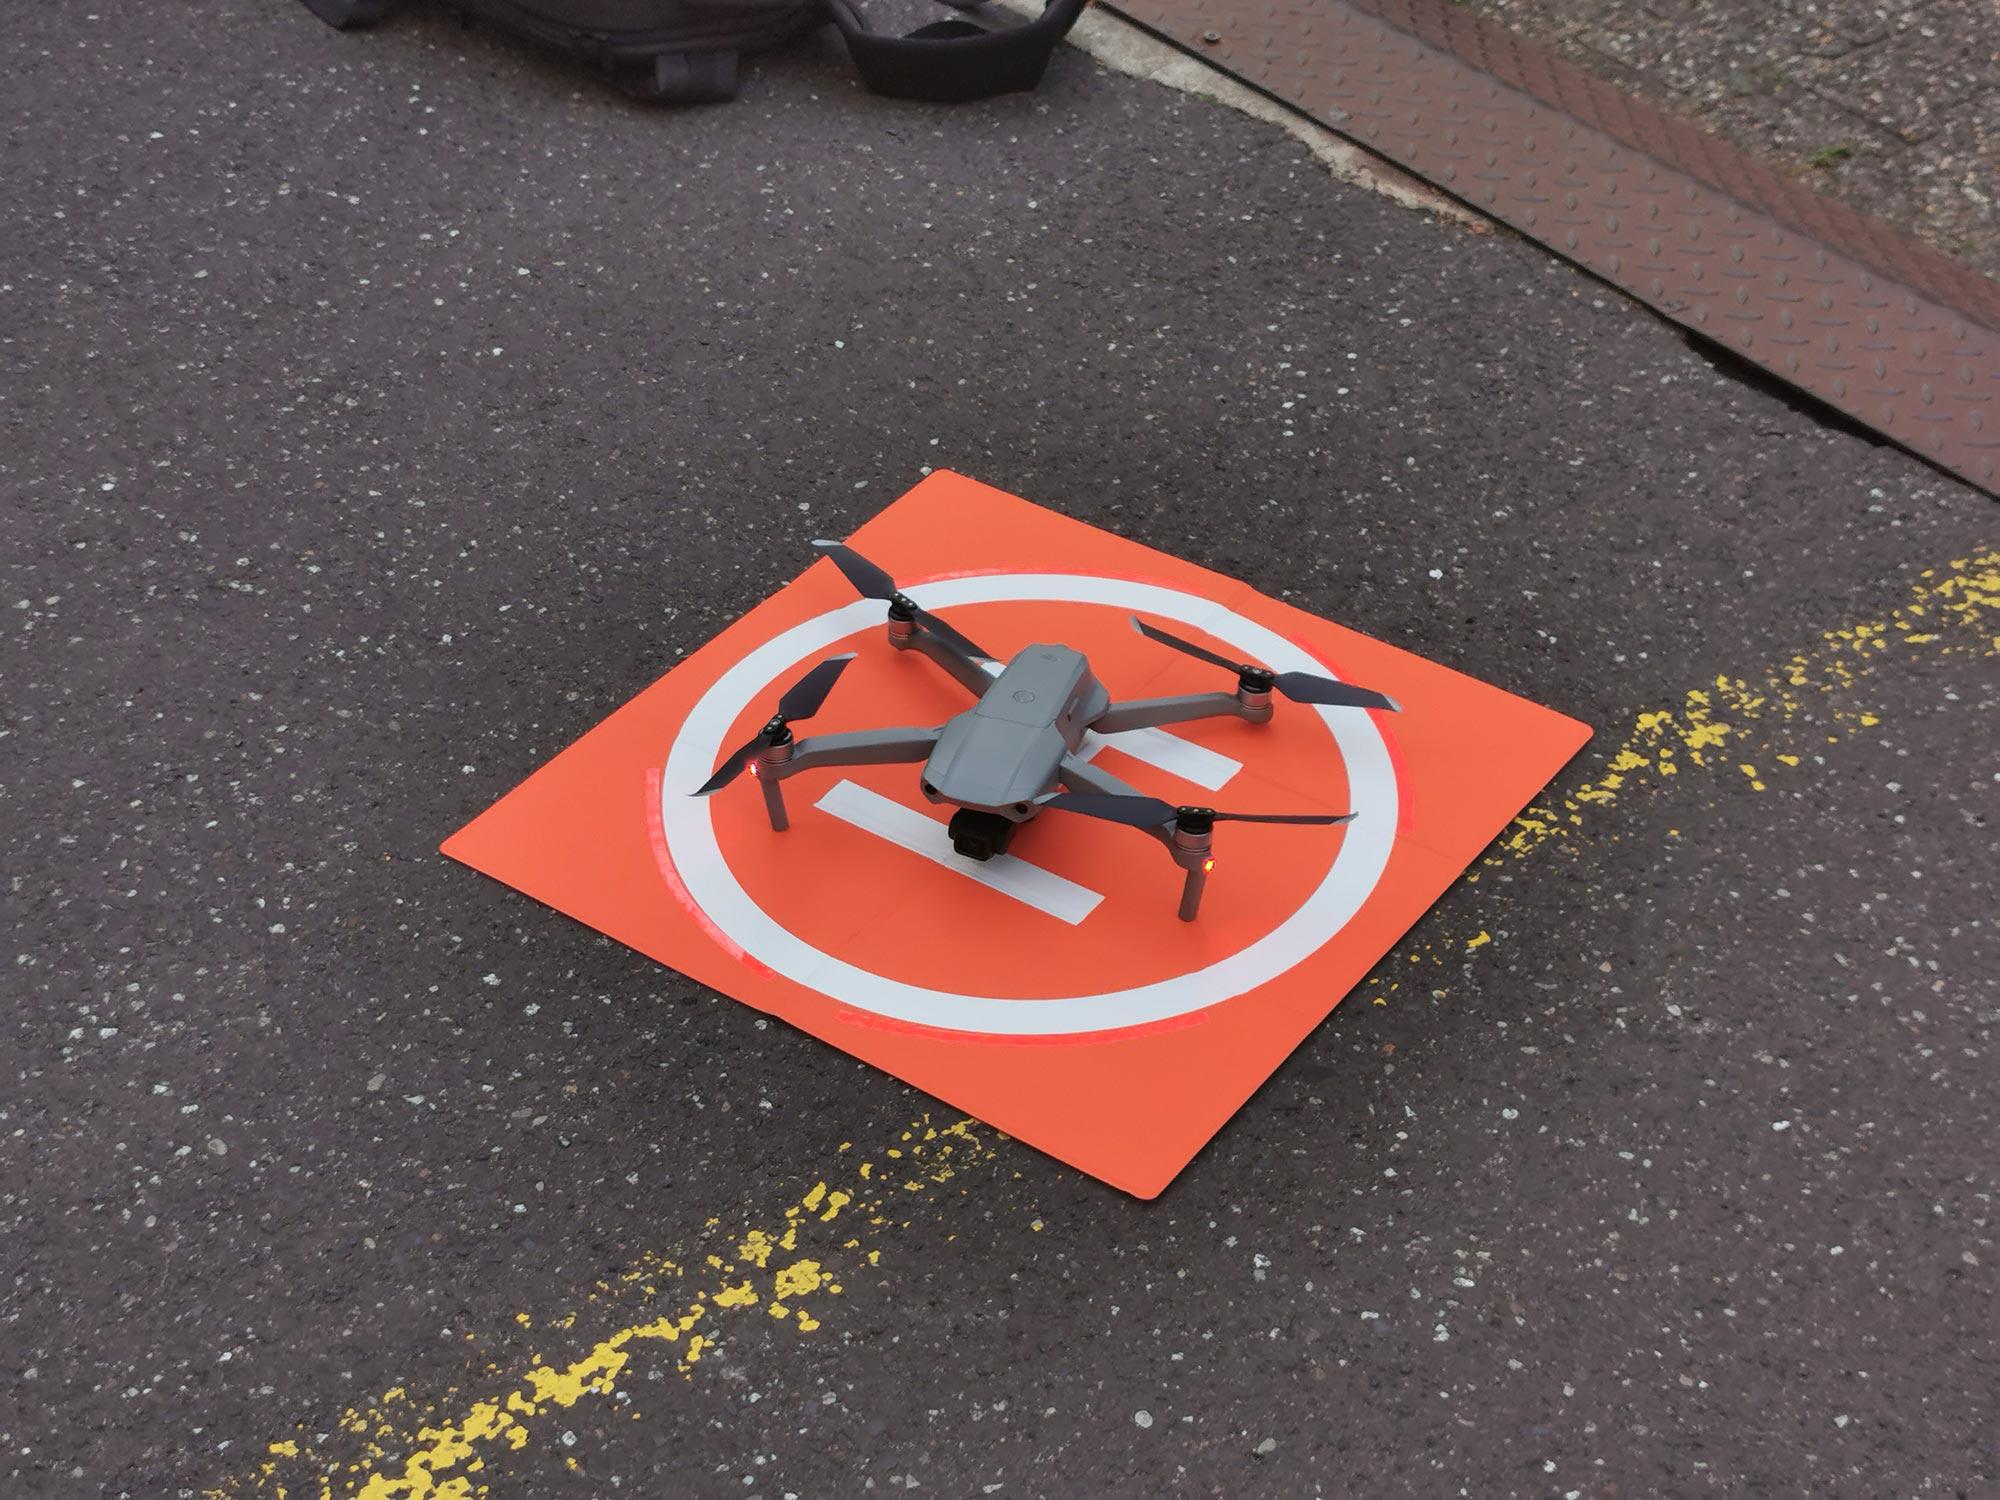 Drohnenflug in Frankfurt - Drohne - Starterlaubnis für Drohnenflug - Landeplatz - Startplatz